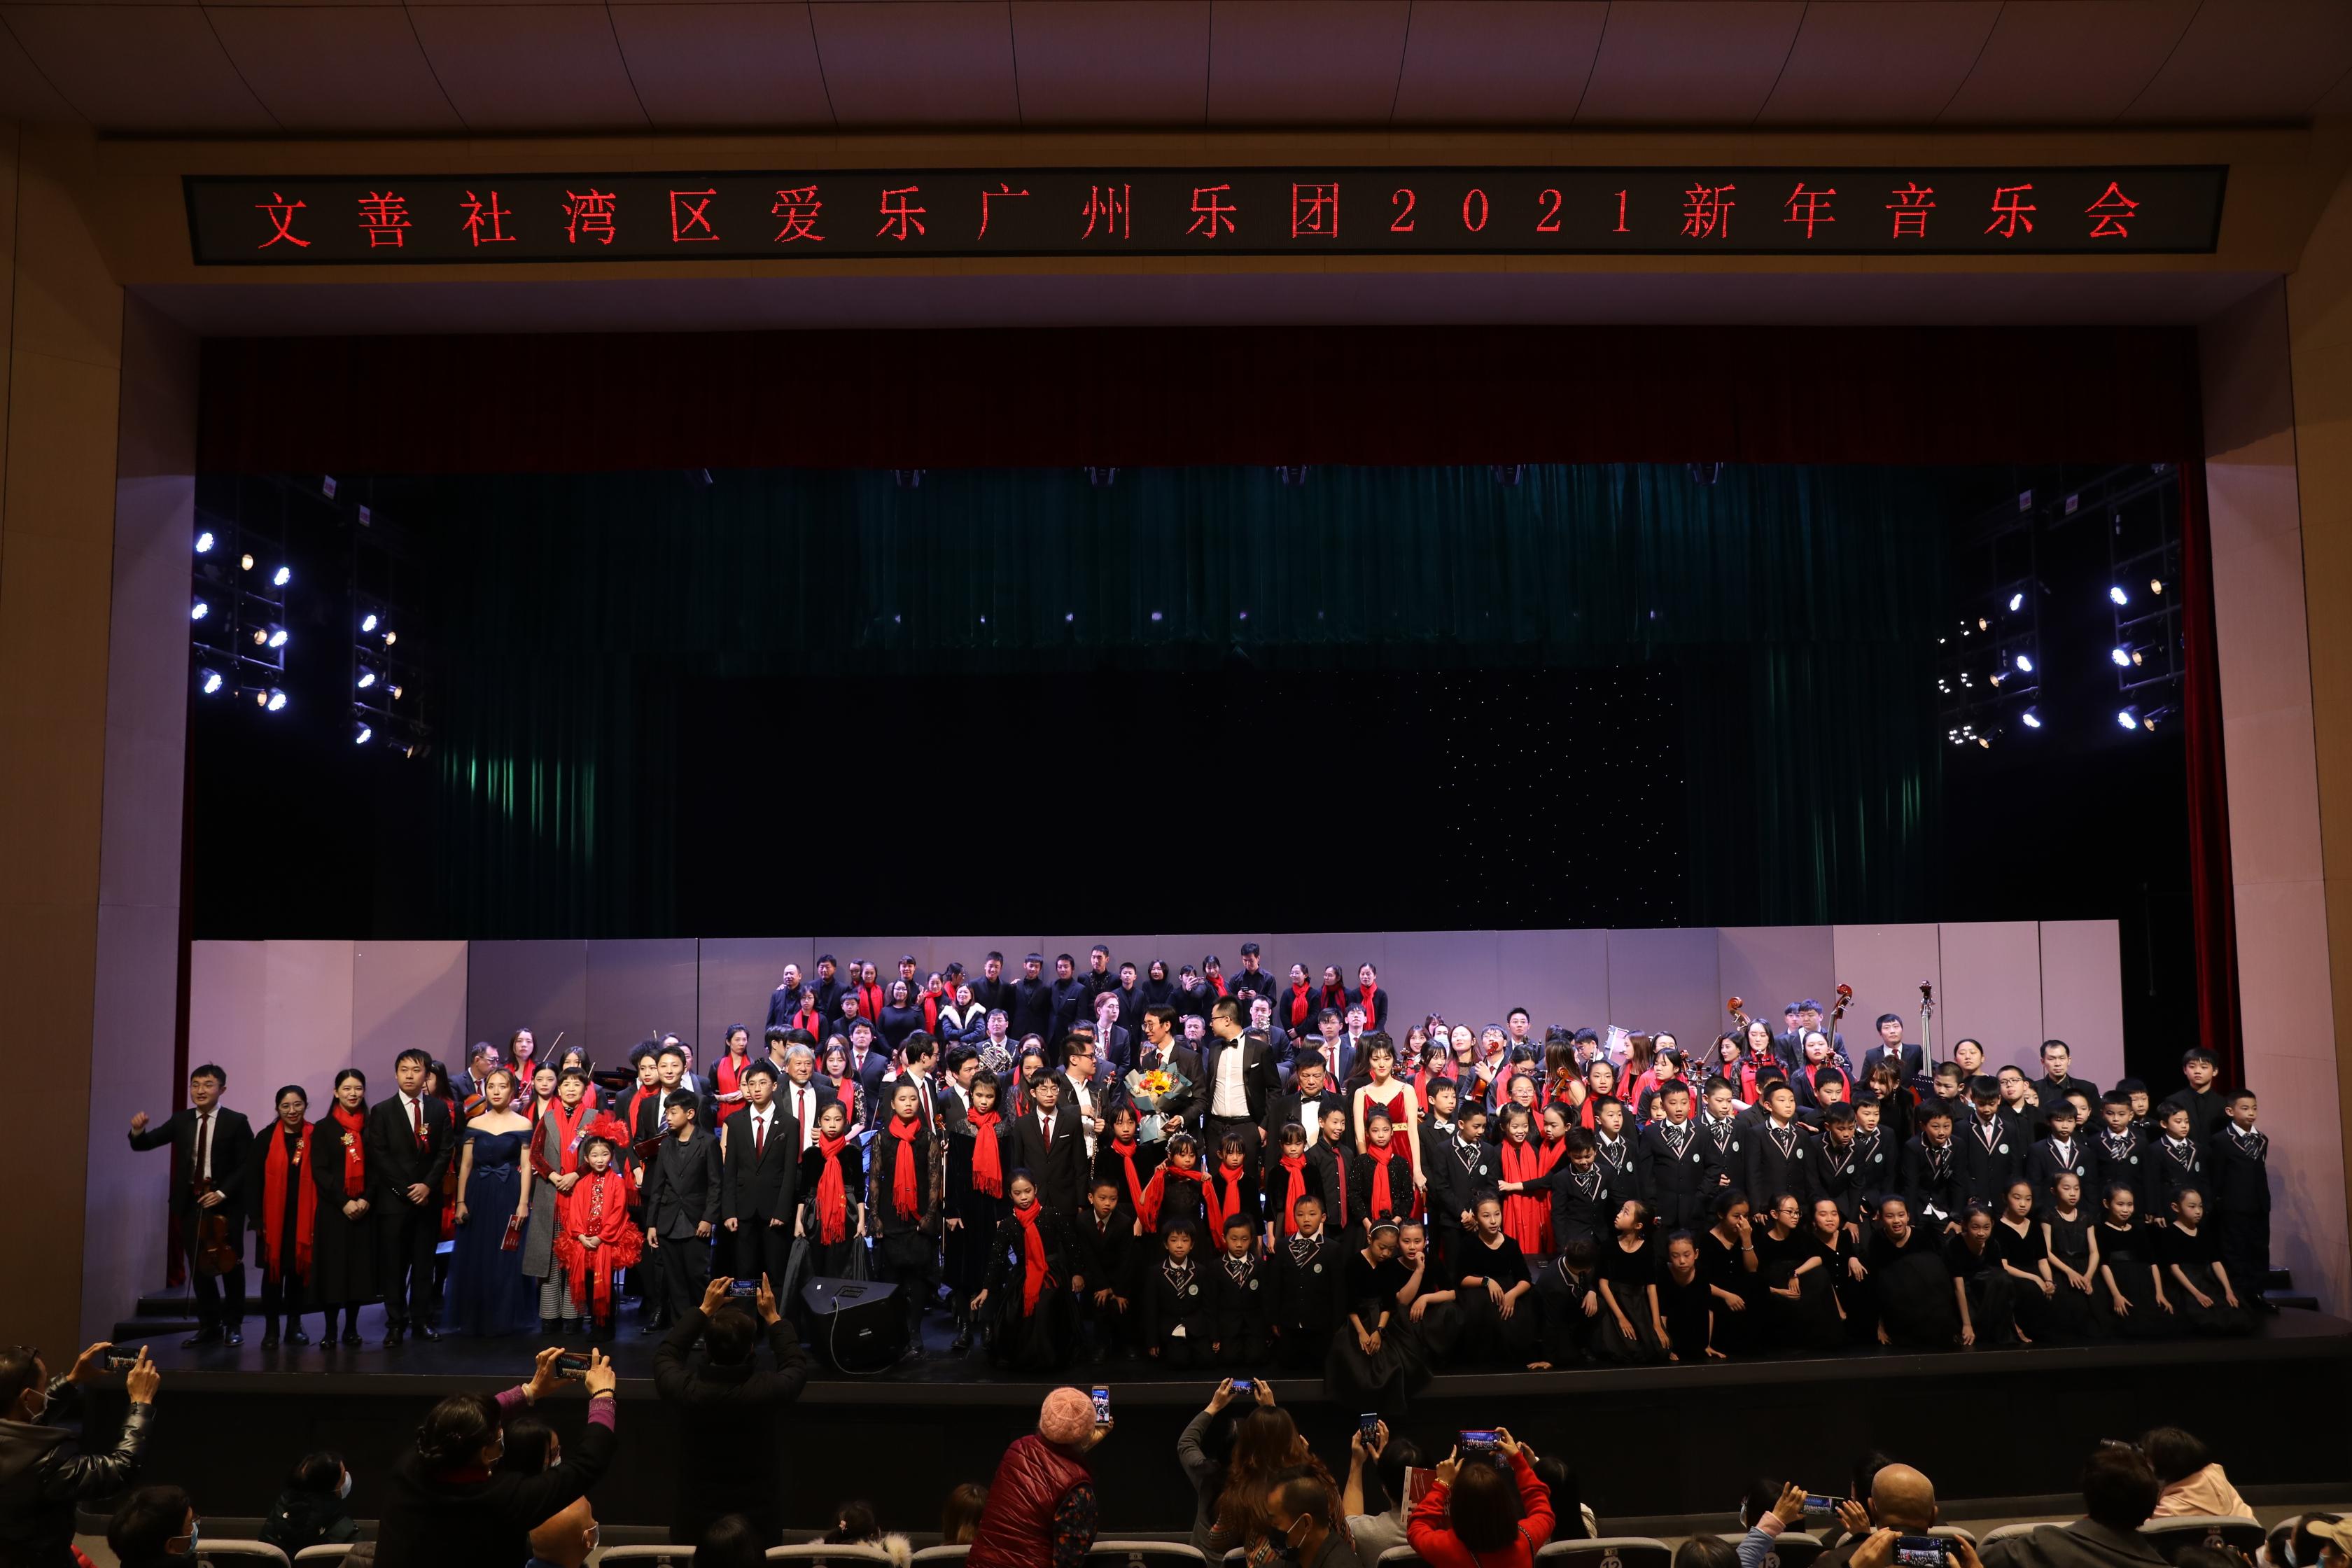 文善社湾区爱乐广州乐团成立及首演